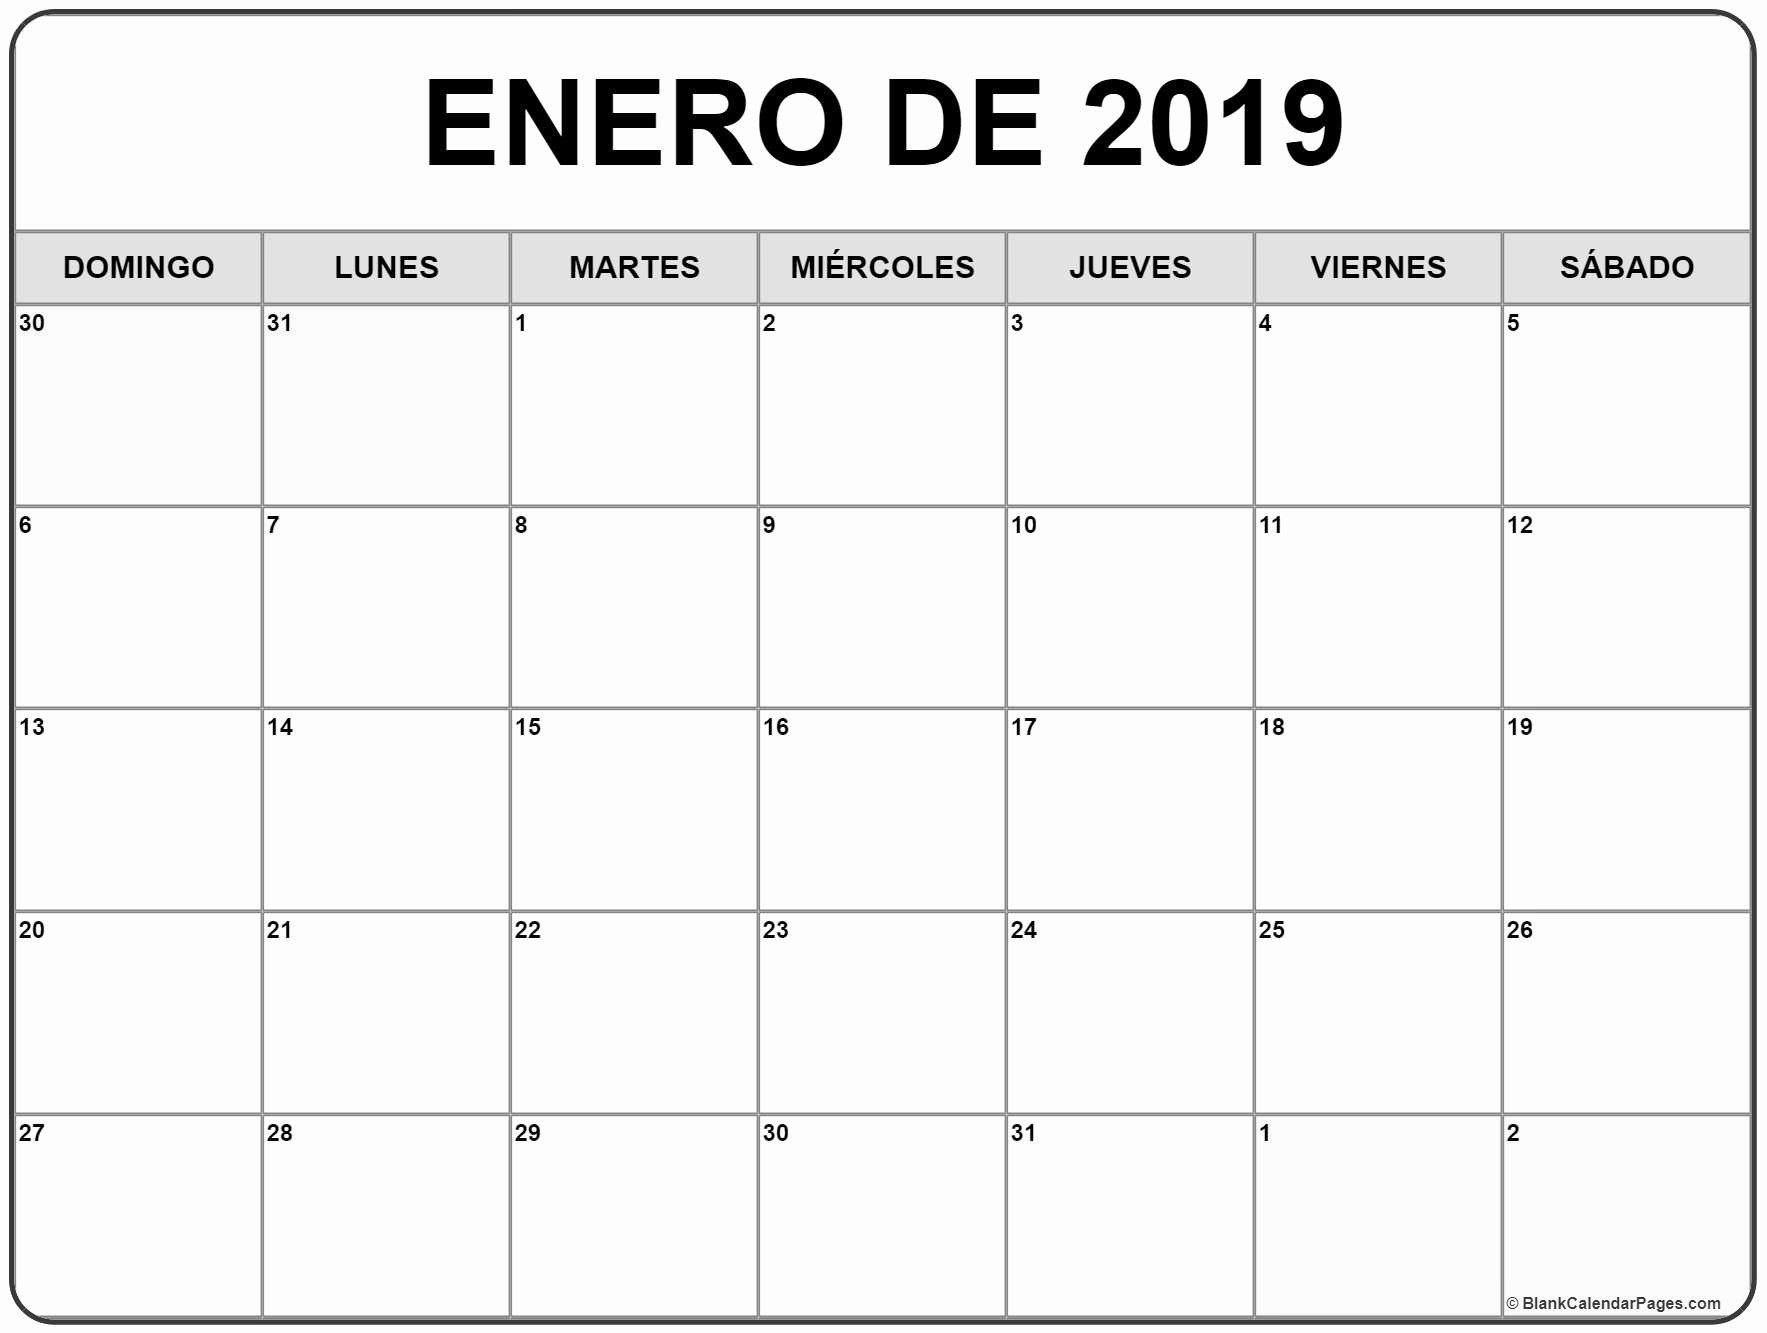 Calendario Febrero 2018 Pdf Más Recientemente Liberado Calendario Dr 2019 Calendario 2019 Of Calendario Febrero 2018 Pdf Más Reciente eventos